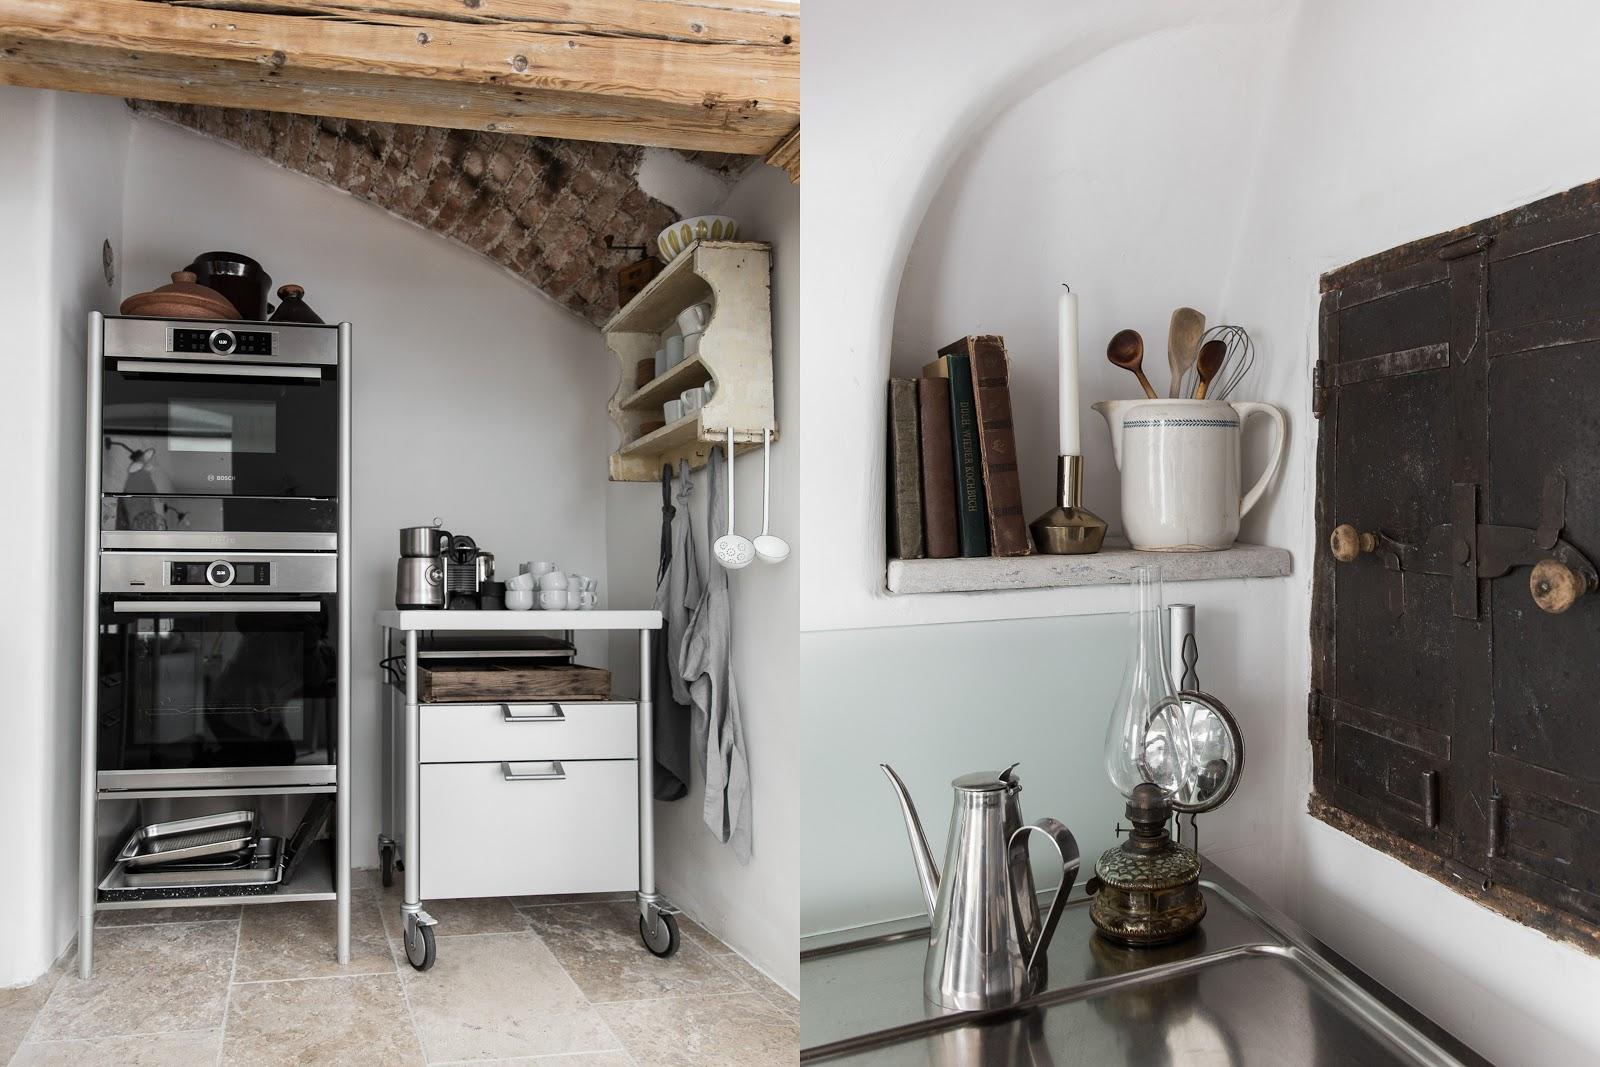 Atemberaubend Farbe Geschichte Kücheninseln Bilder - Ideen Für Die ...